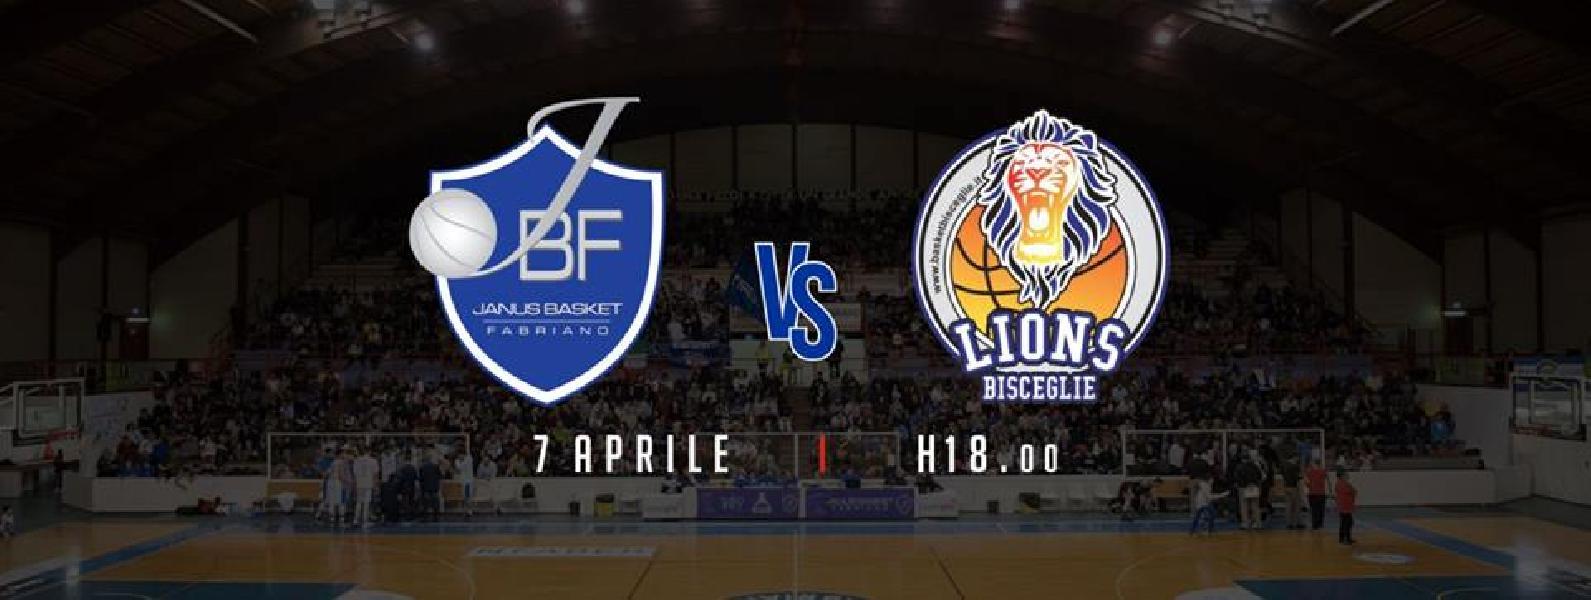 https://www.basketmarche.it/immagini_articoli/04-04-2019/janus-fabriano-lions-bisceglie-tutte-info-biglietti-prevendita-600.jpg